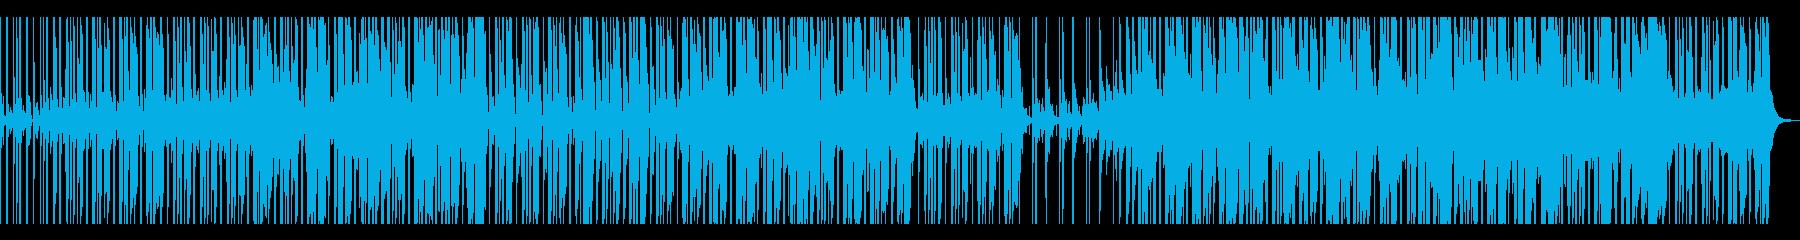 【短いVer5】スローファンクロックの再生済みの波形